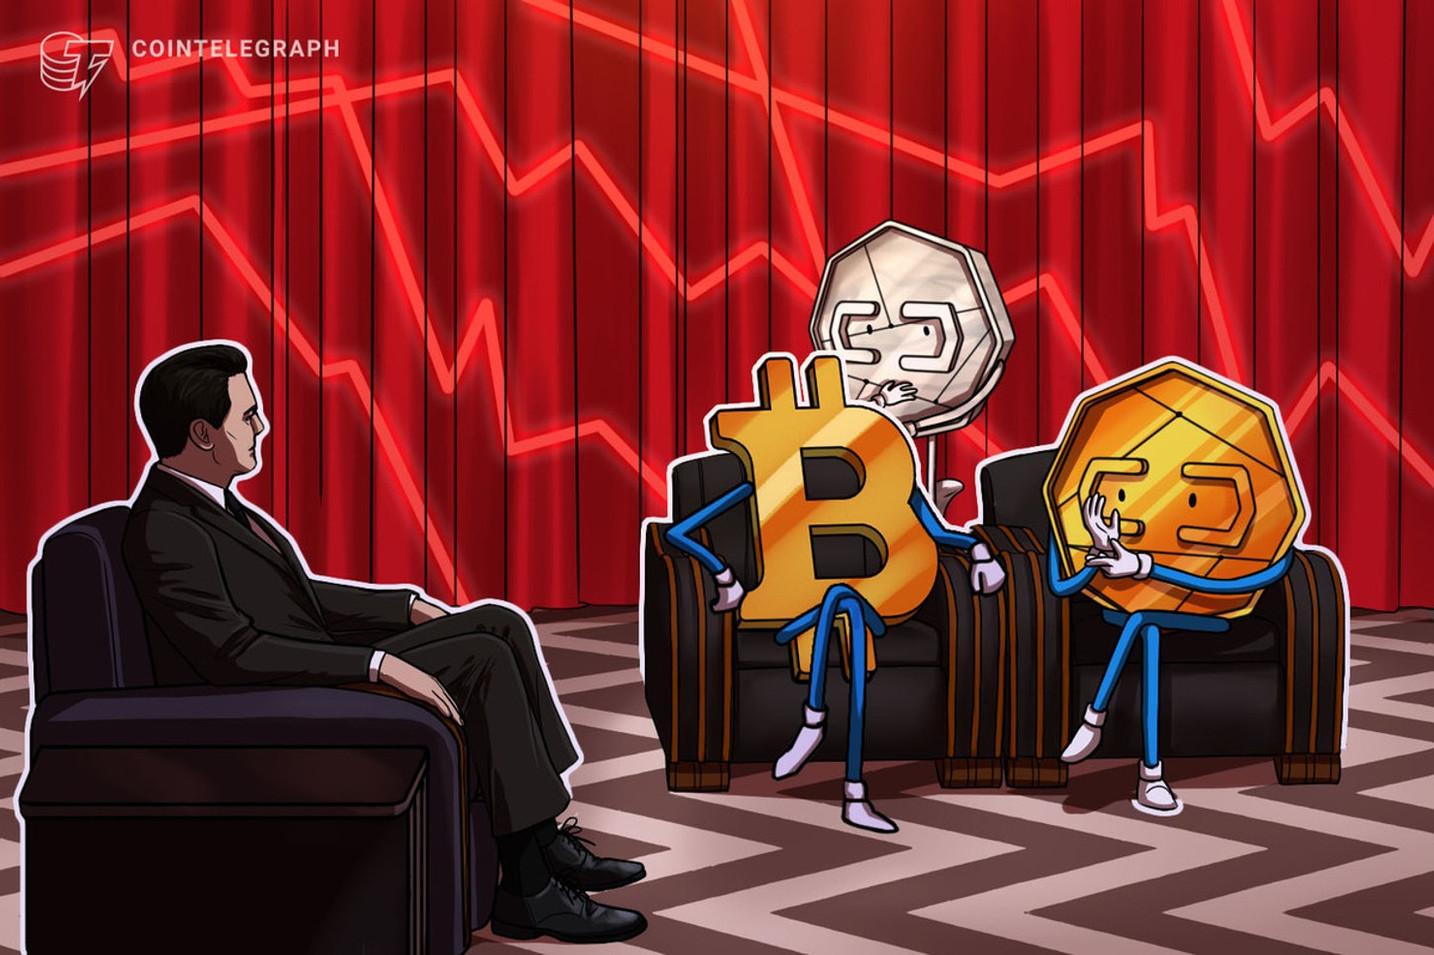 ロジャーバーのBitcoin.com、日本のブロックチェーンスタートアップを買収 仮想通貨BCHのモバイルサービス開発へ【ニュース】